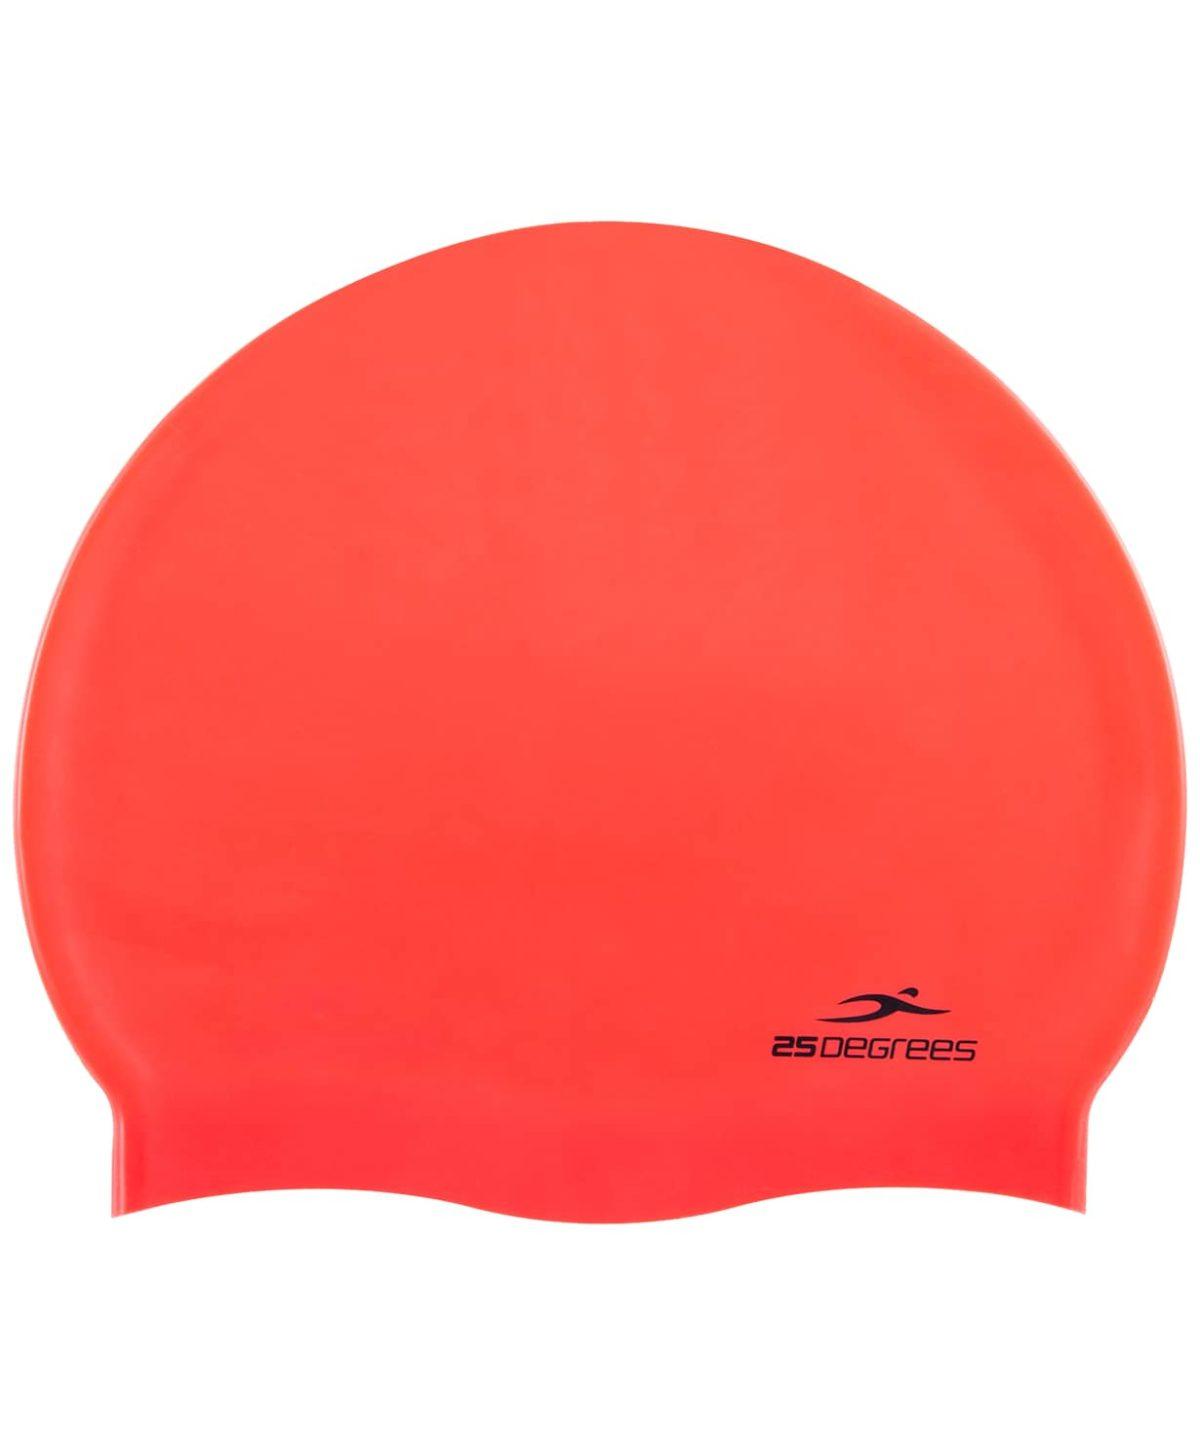 25DEGREES Шапочка для плавания Nuance, силикон 25D15-NU-20-30: красный - 1